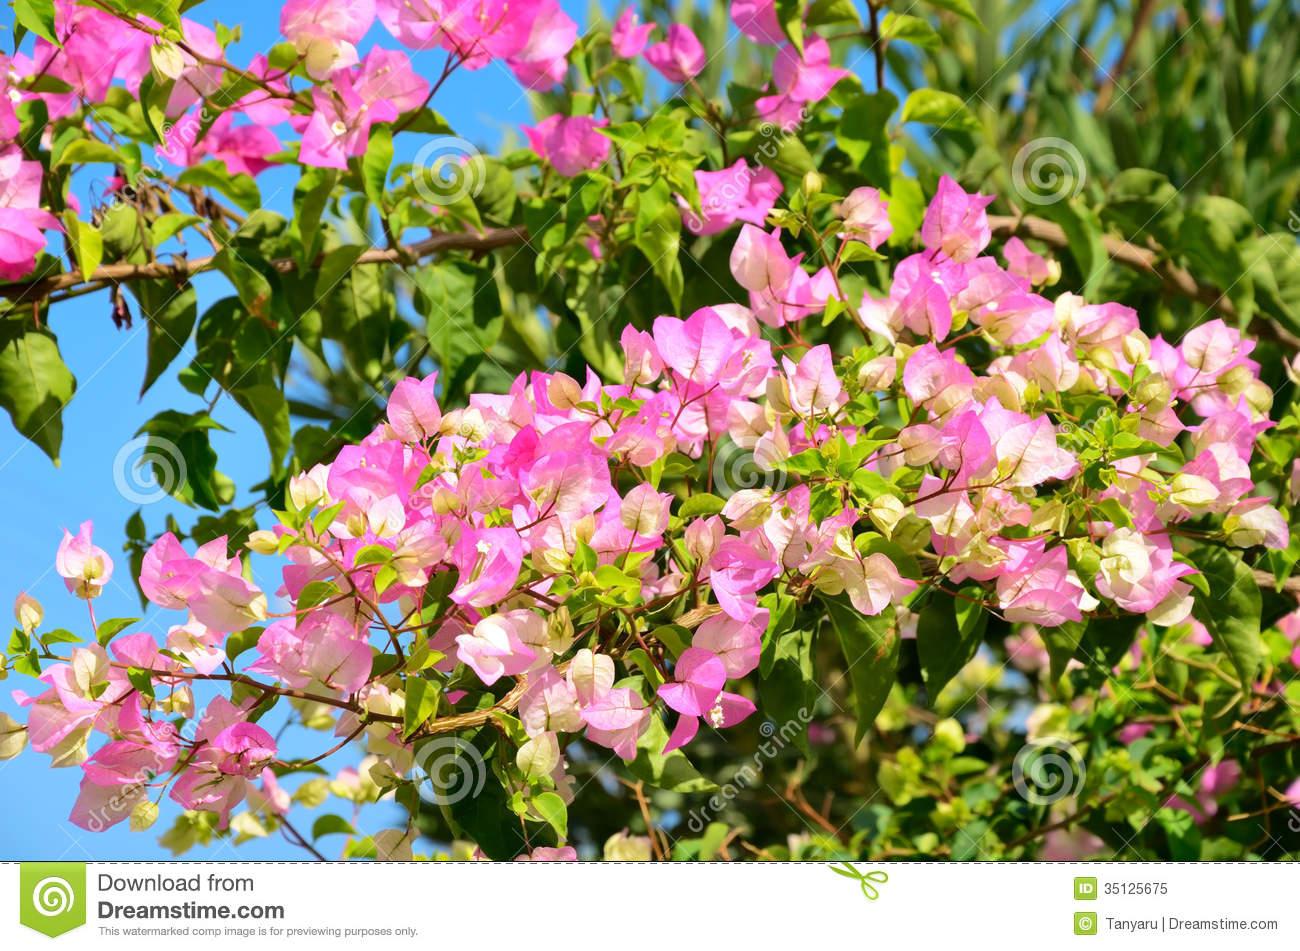 Pink Flowers Large Leaves 26 Wide Wallpaper Hdflowerwallpaper